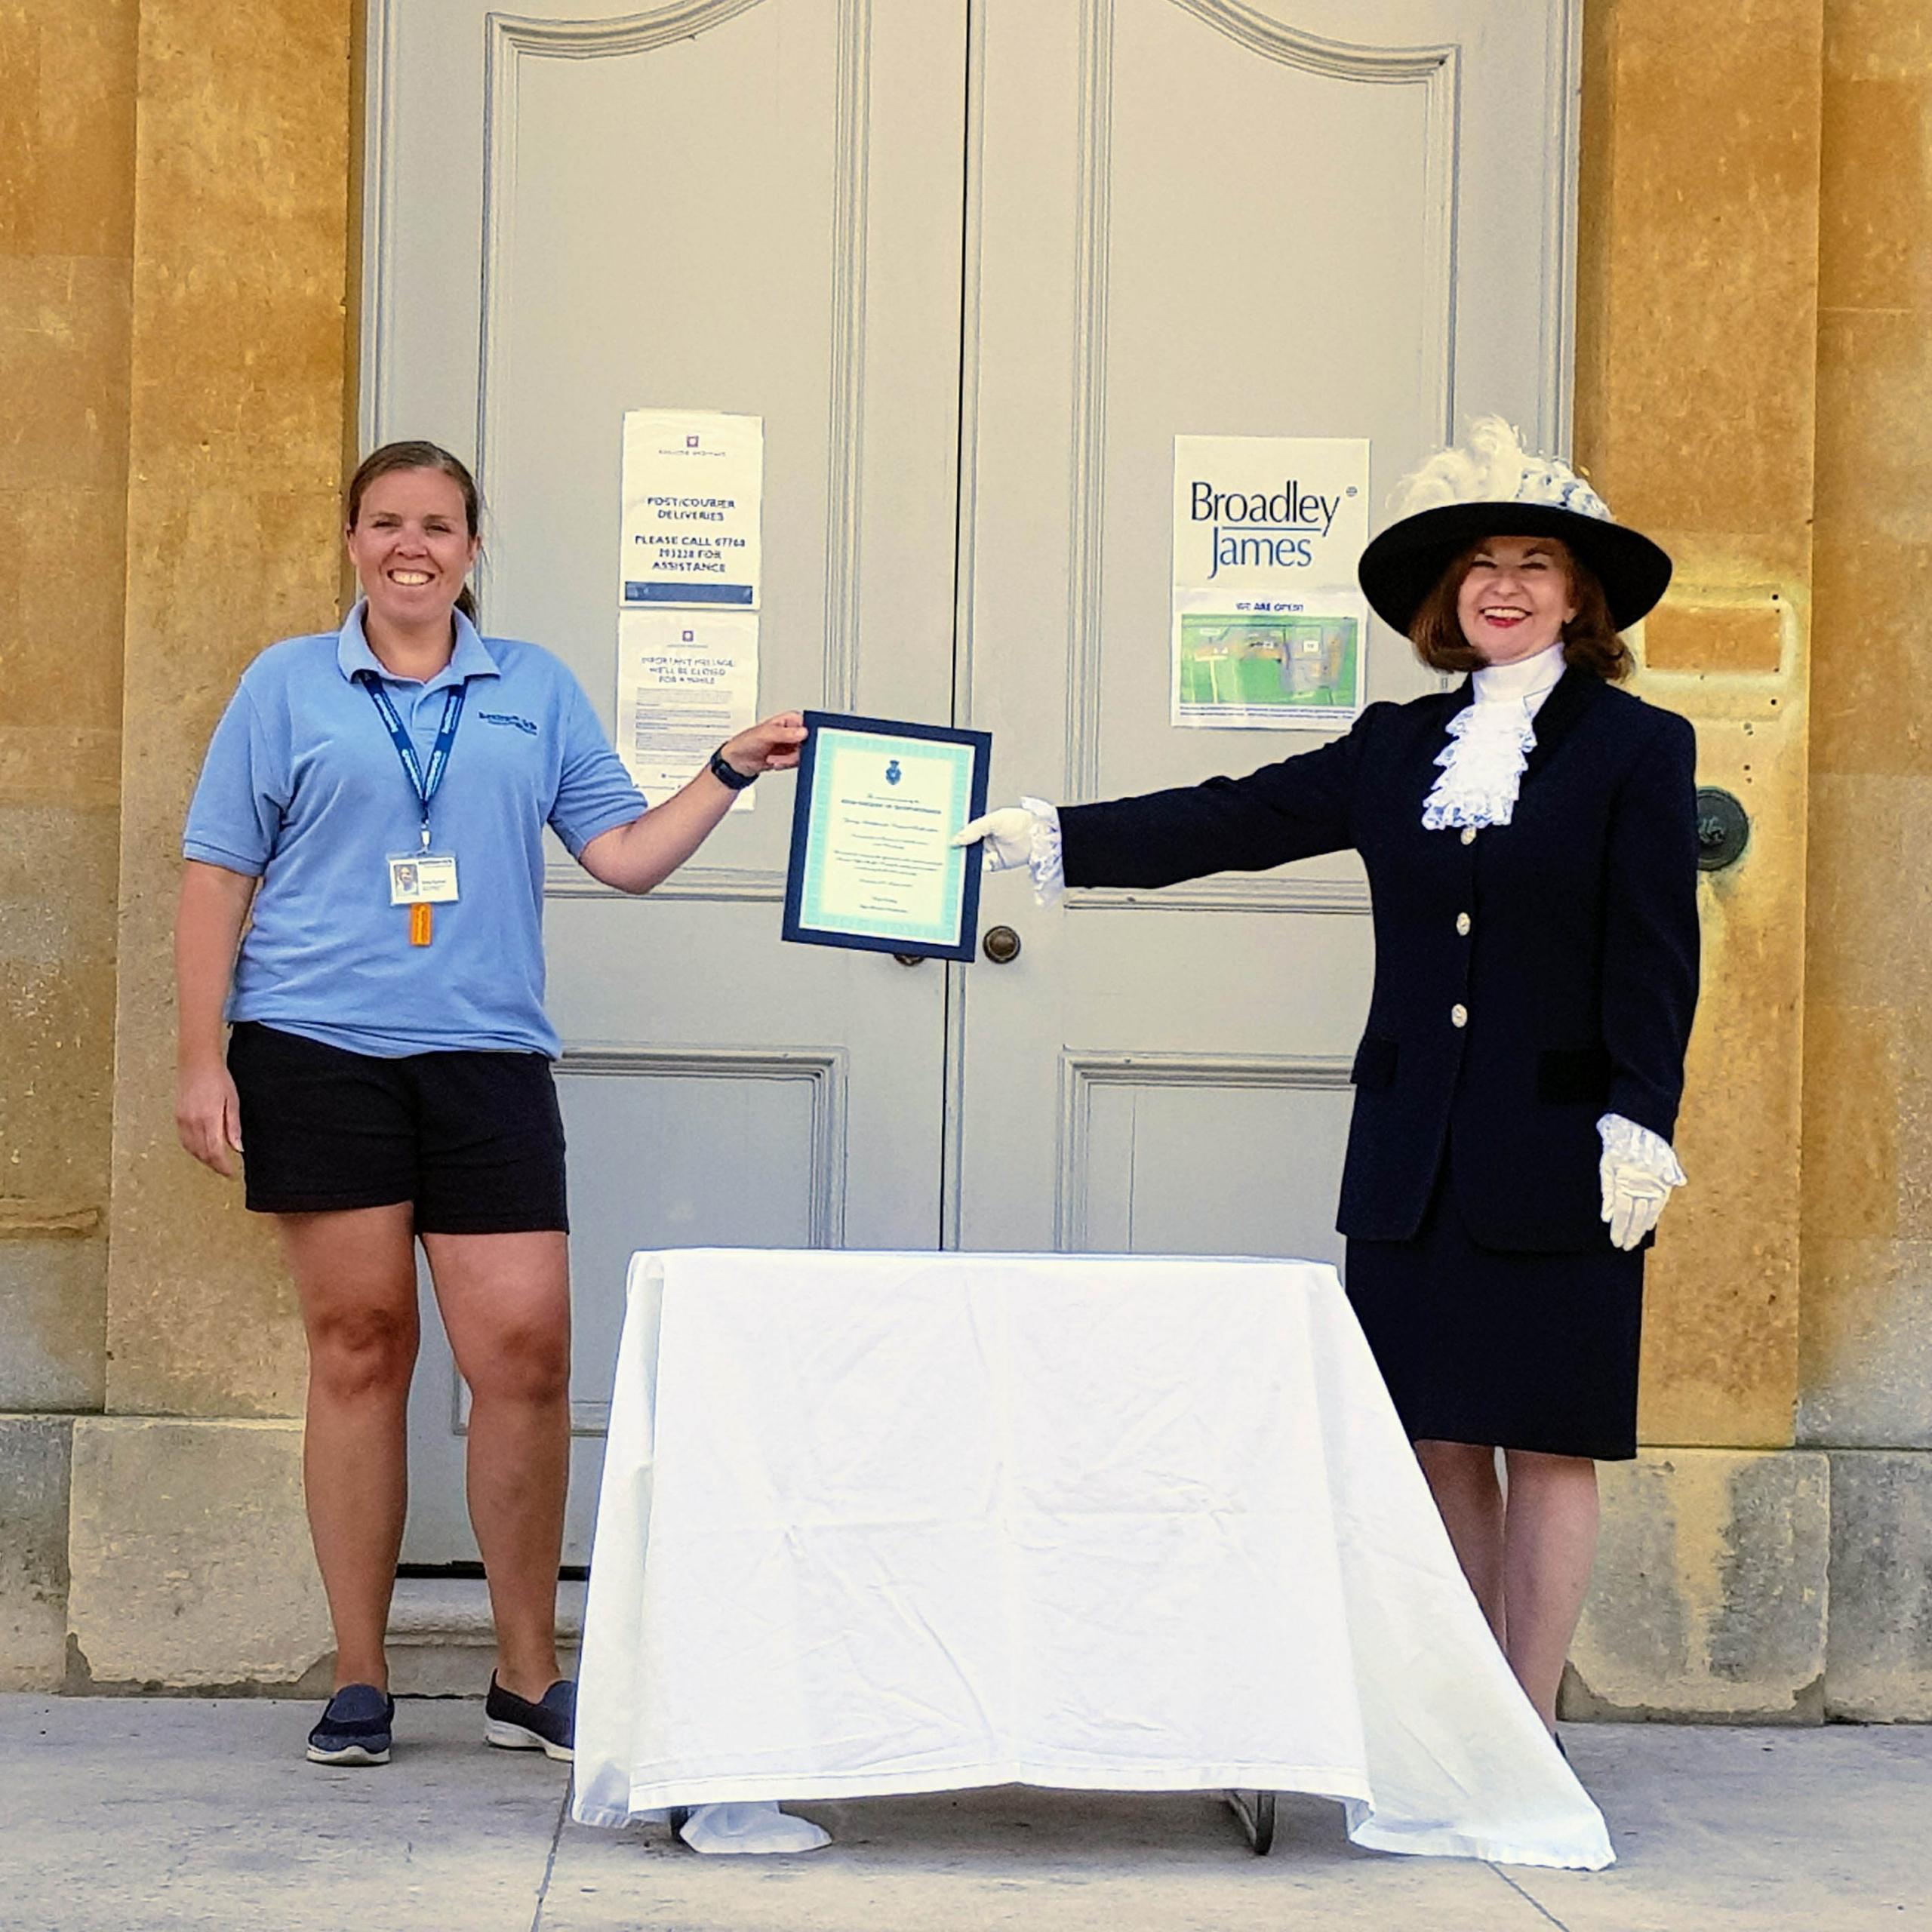 High Sheriff Citizenship Award